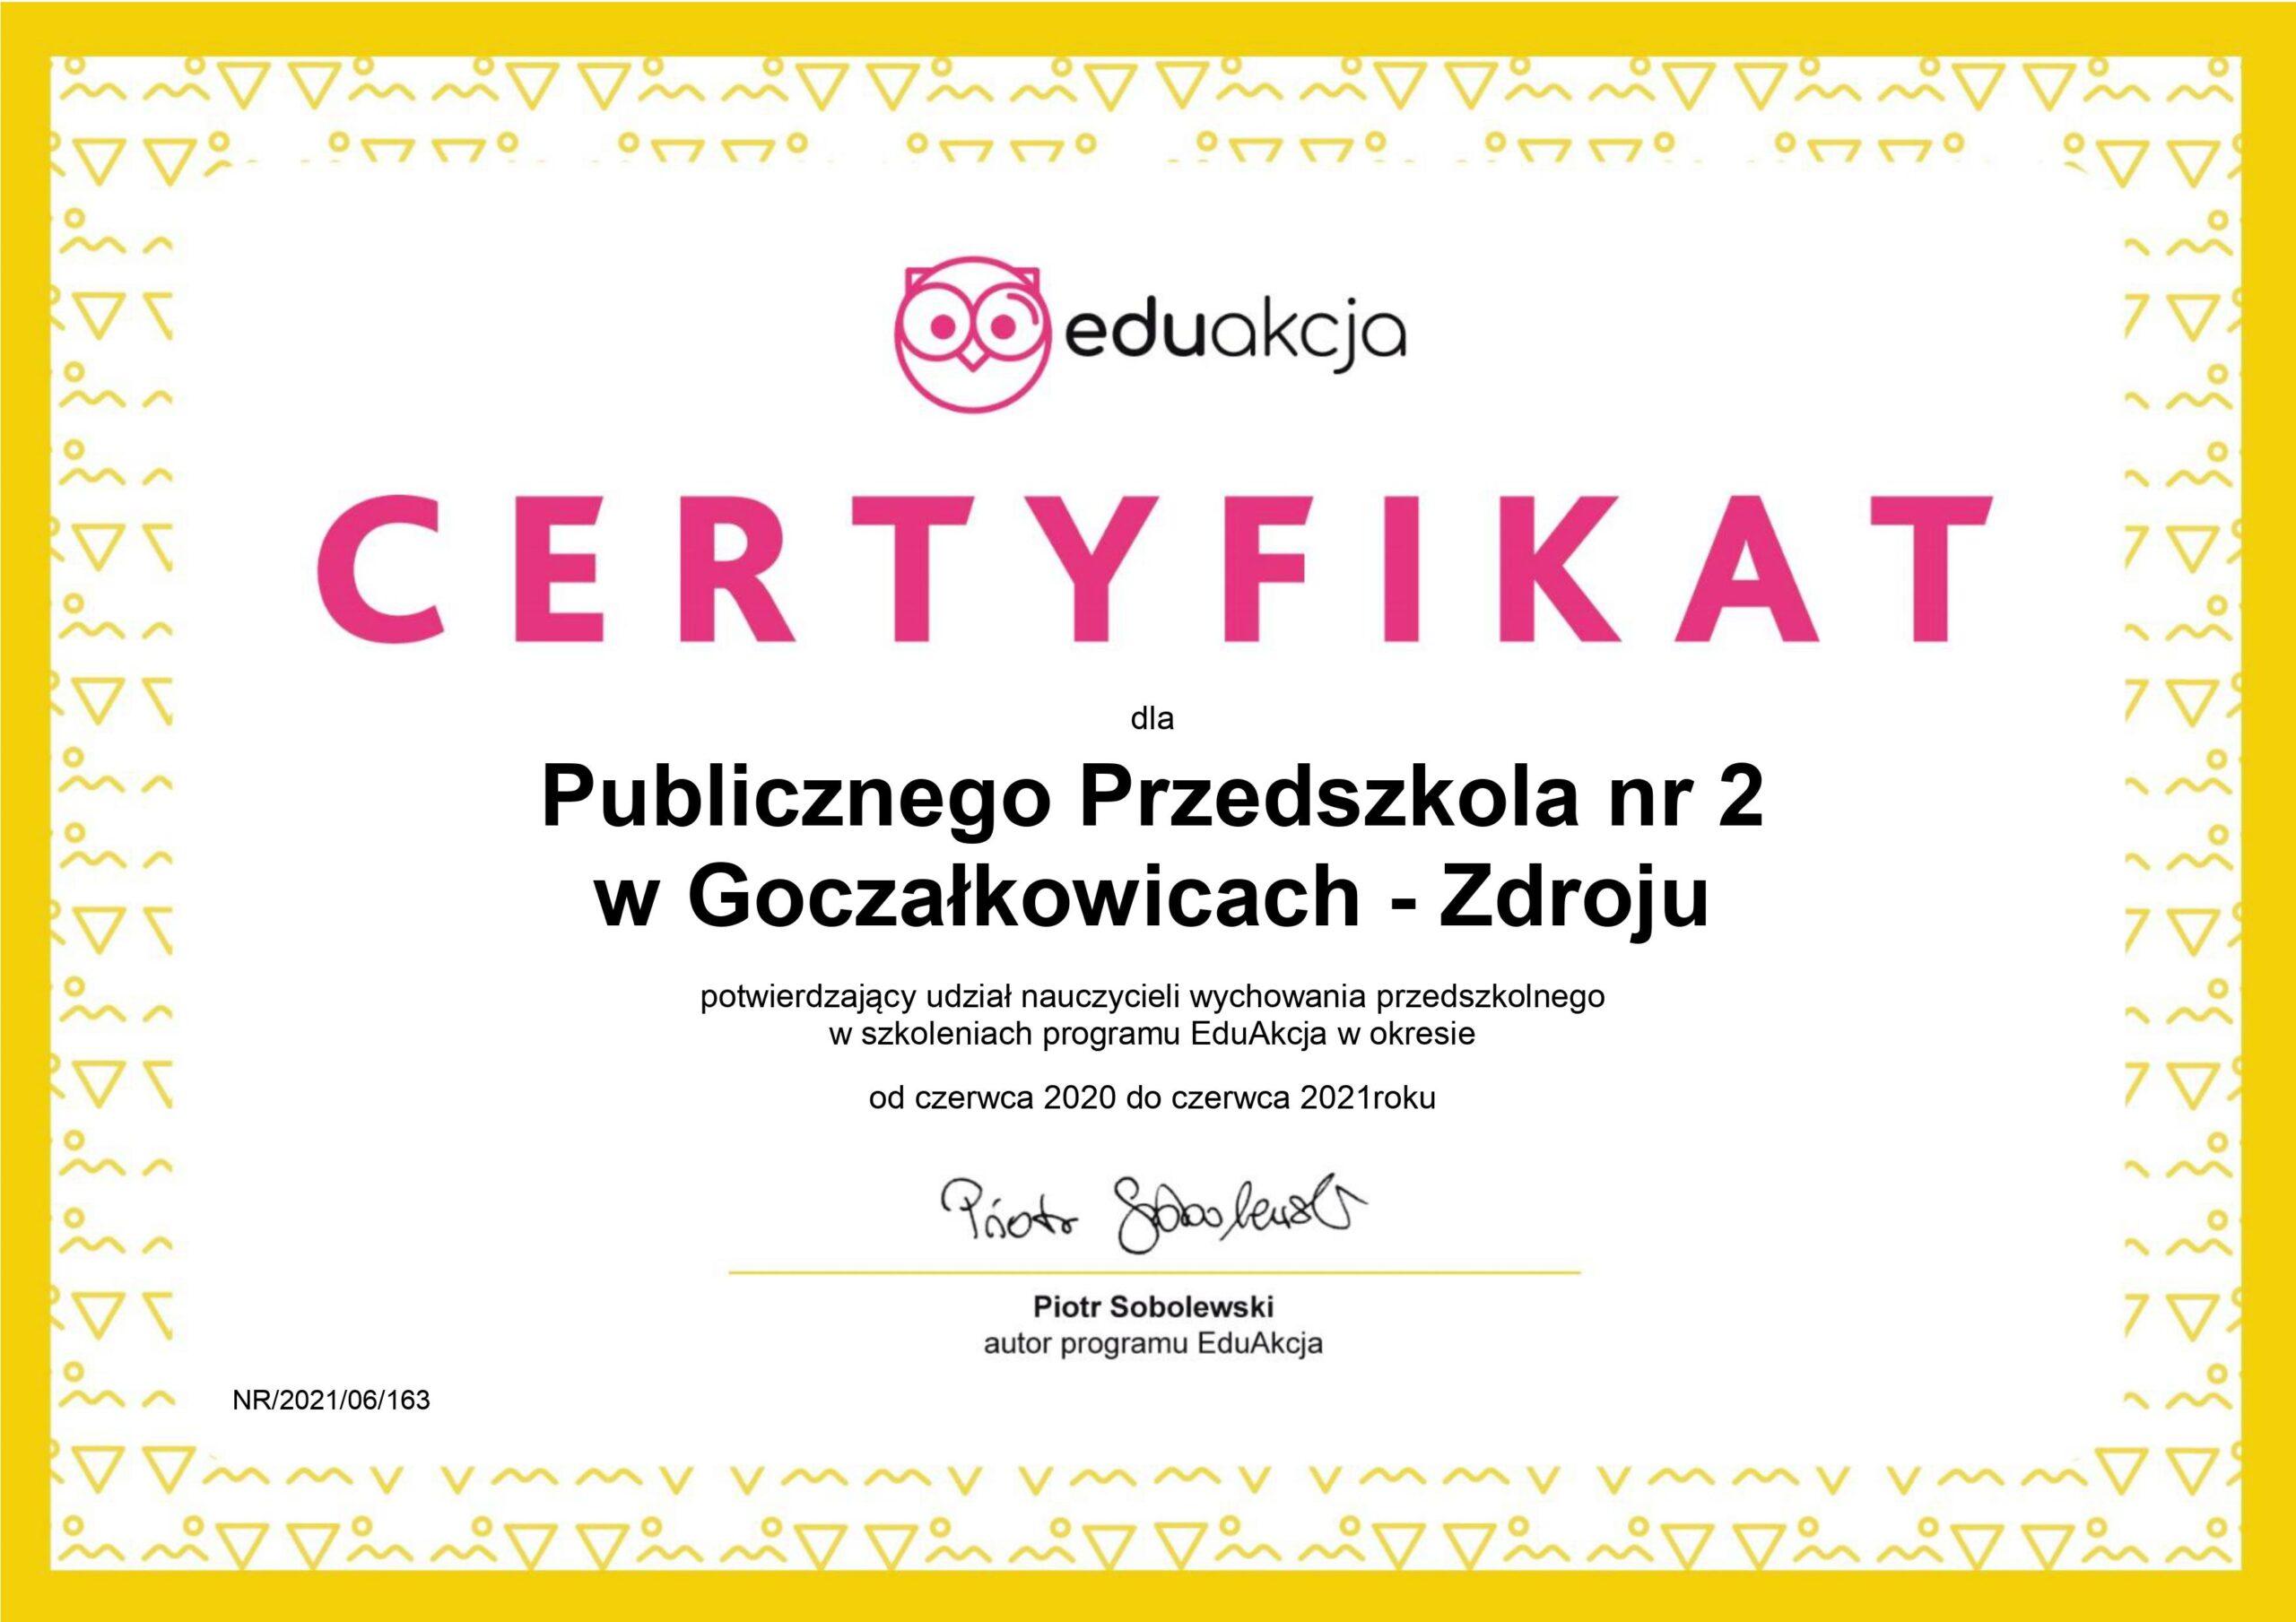 Certyfikat potwierdzajacy udział nauczycieli w szkoleniach.